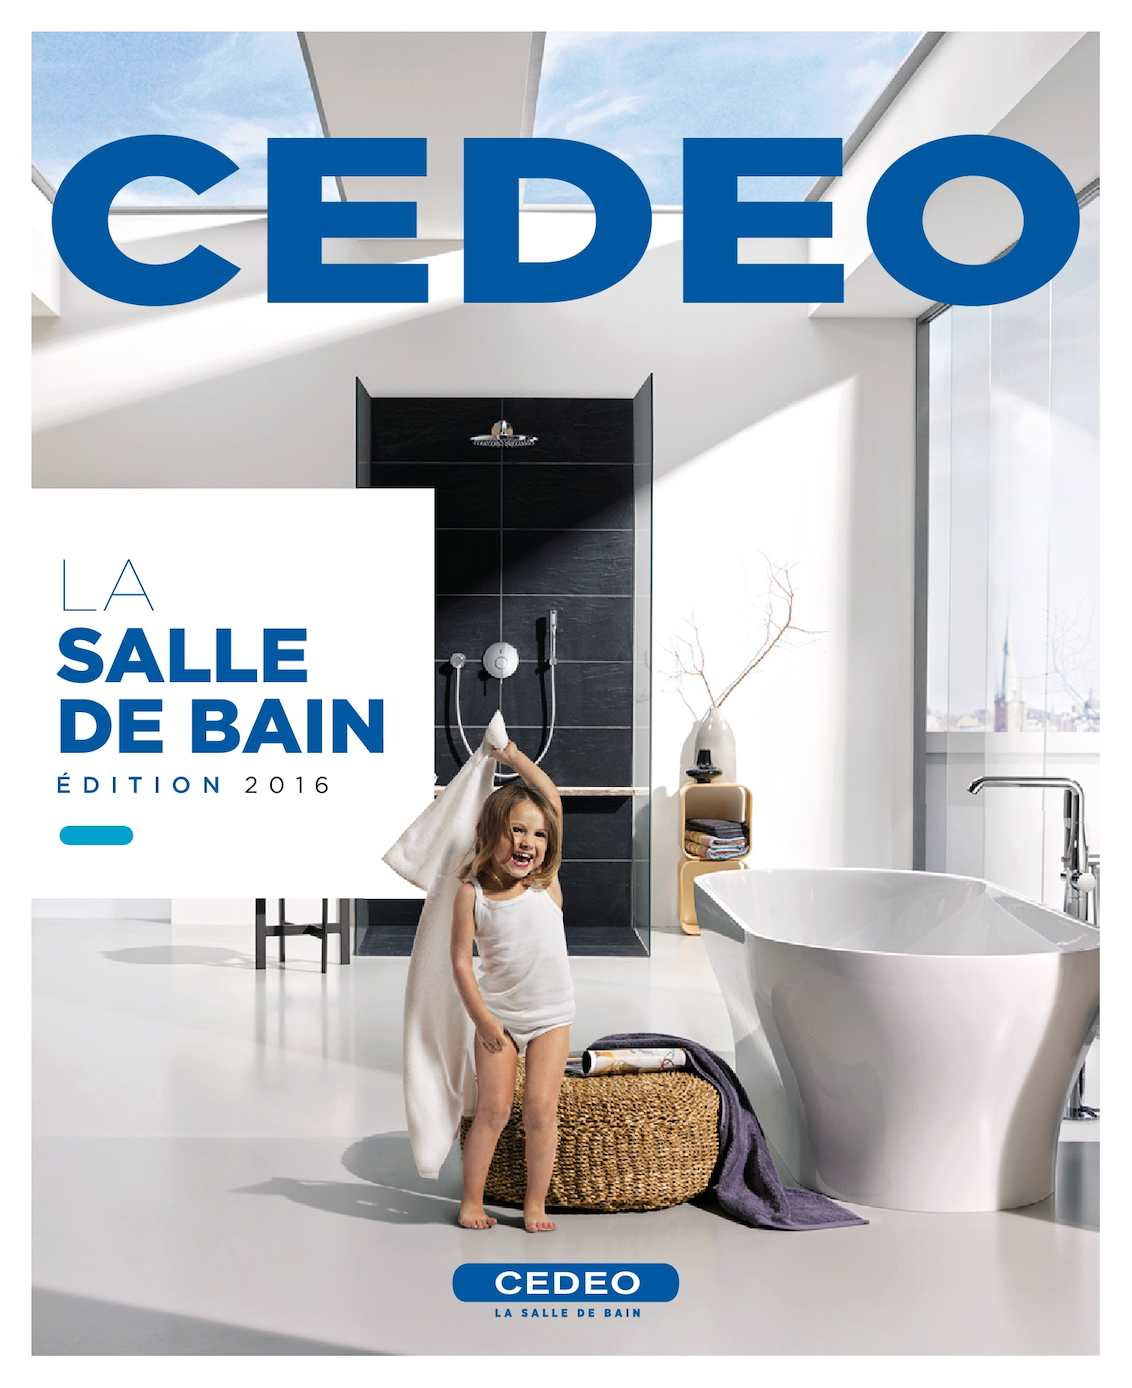 Calaméo Catalogue Salle De Bain 2016 Cedeo Flip Book